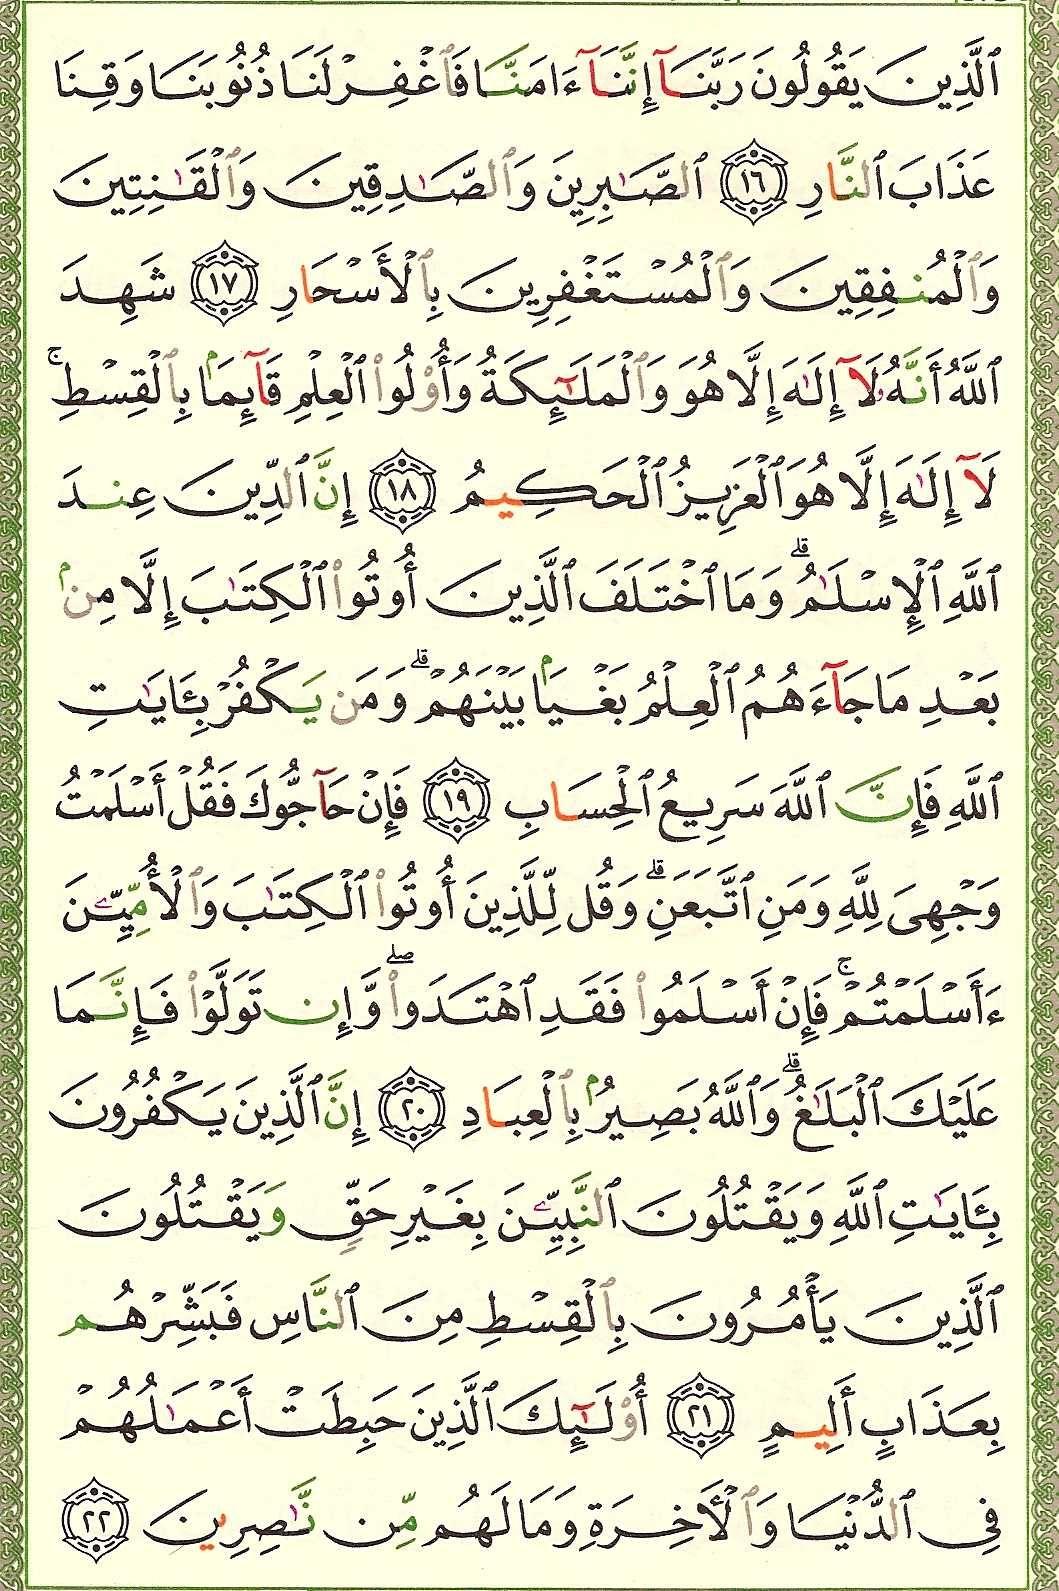 3. سورة آل عمران - Al-Imran مصورة من المصحف الشريف 052